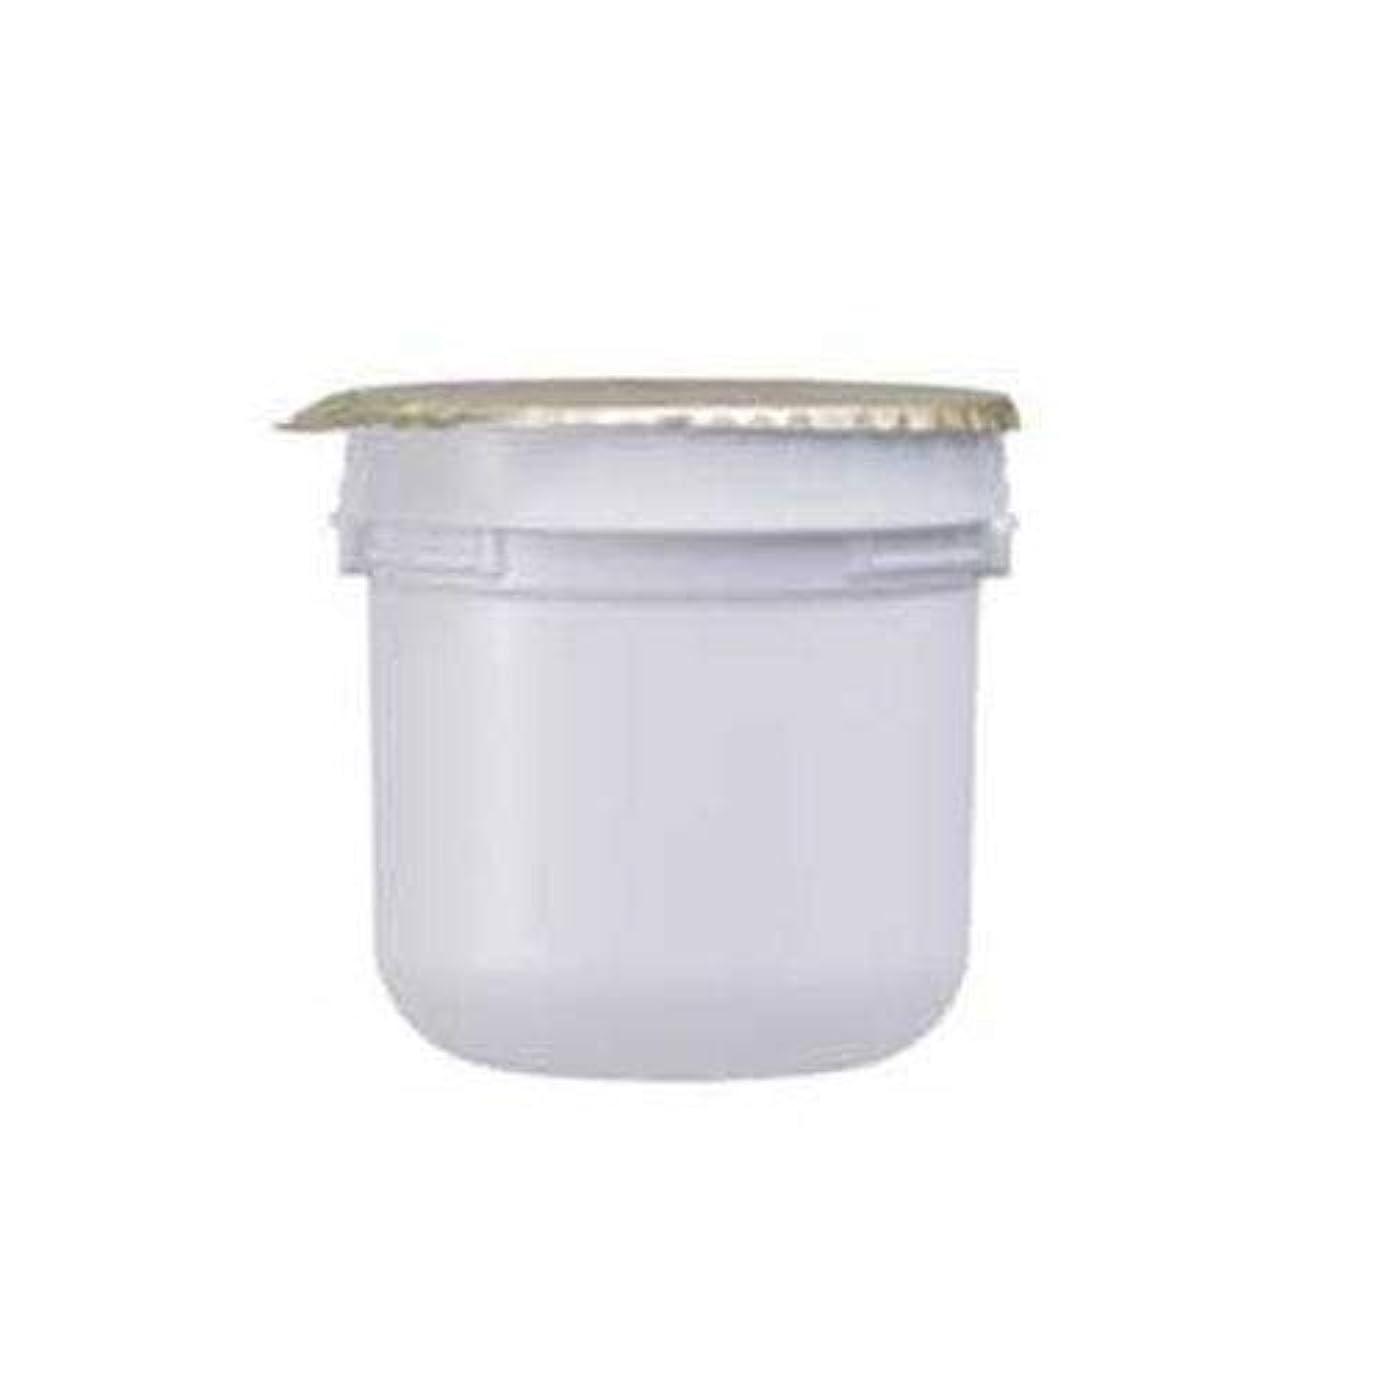 移植メンダシティカニアスタリフト ホワイト クリーム 30g レフィル